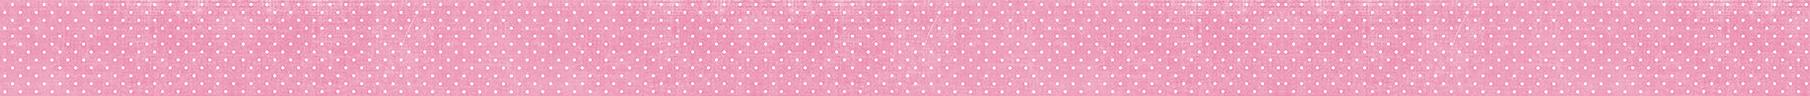 Task bar Pink polka dots.png